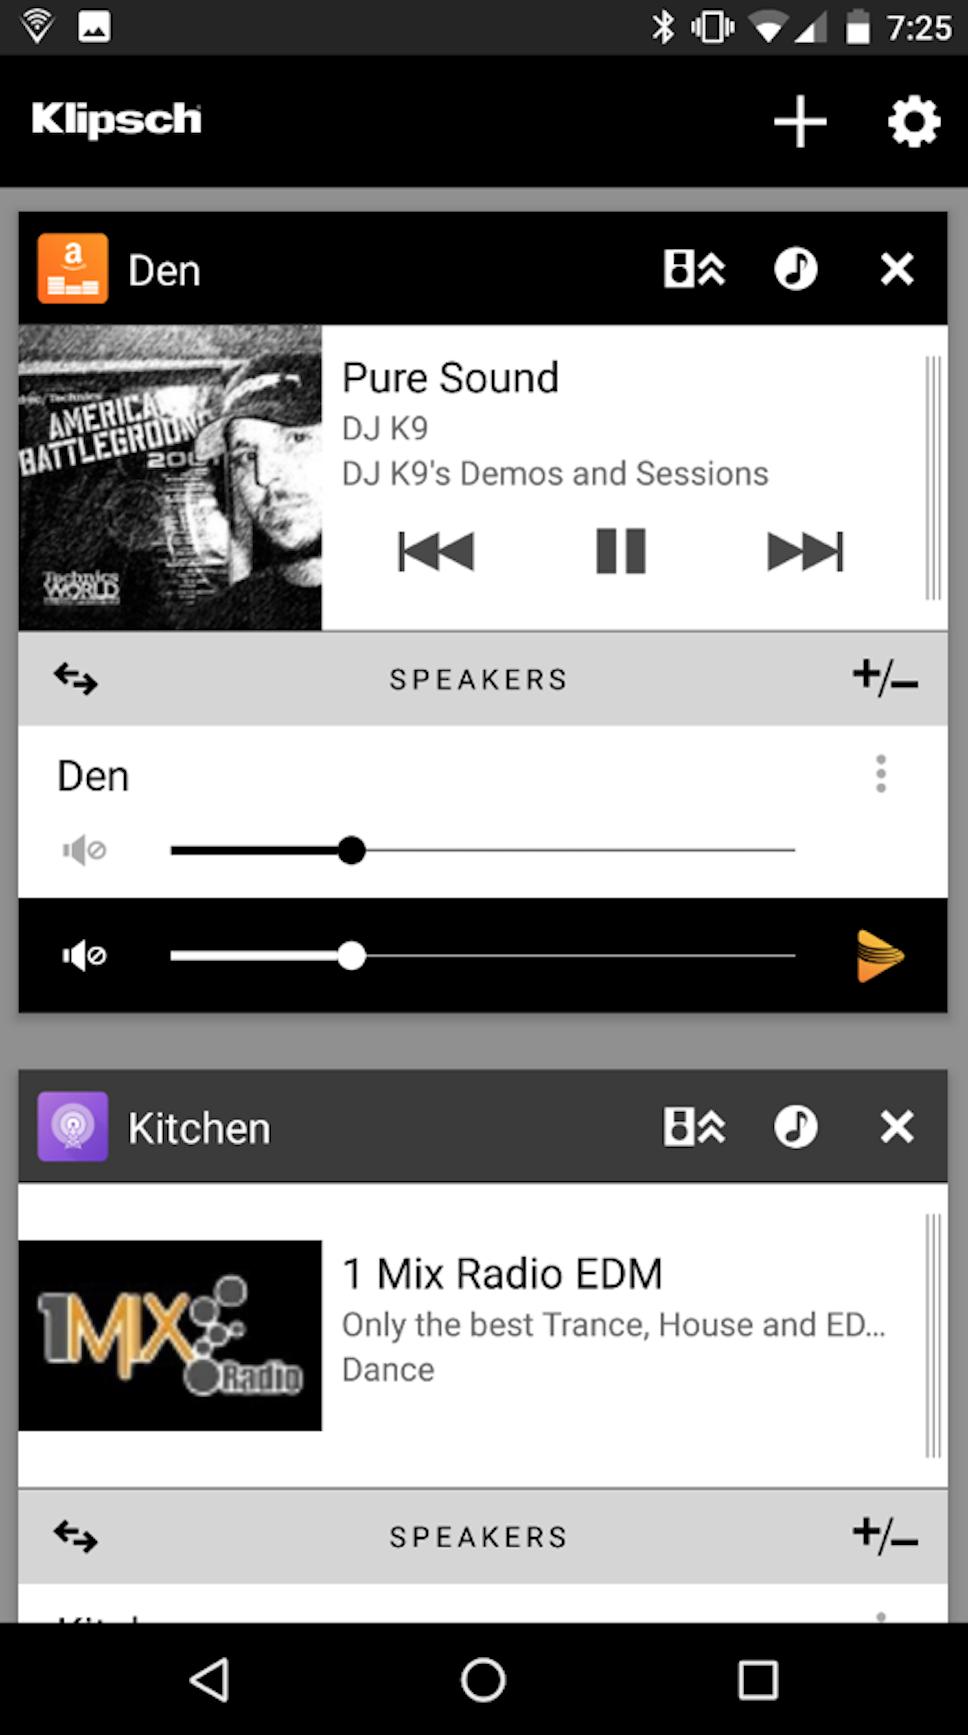 Klipsch Stream App Screenshot Zones